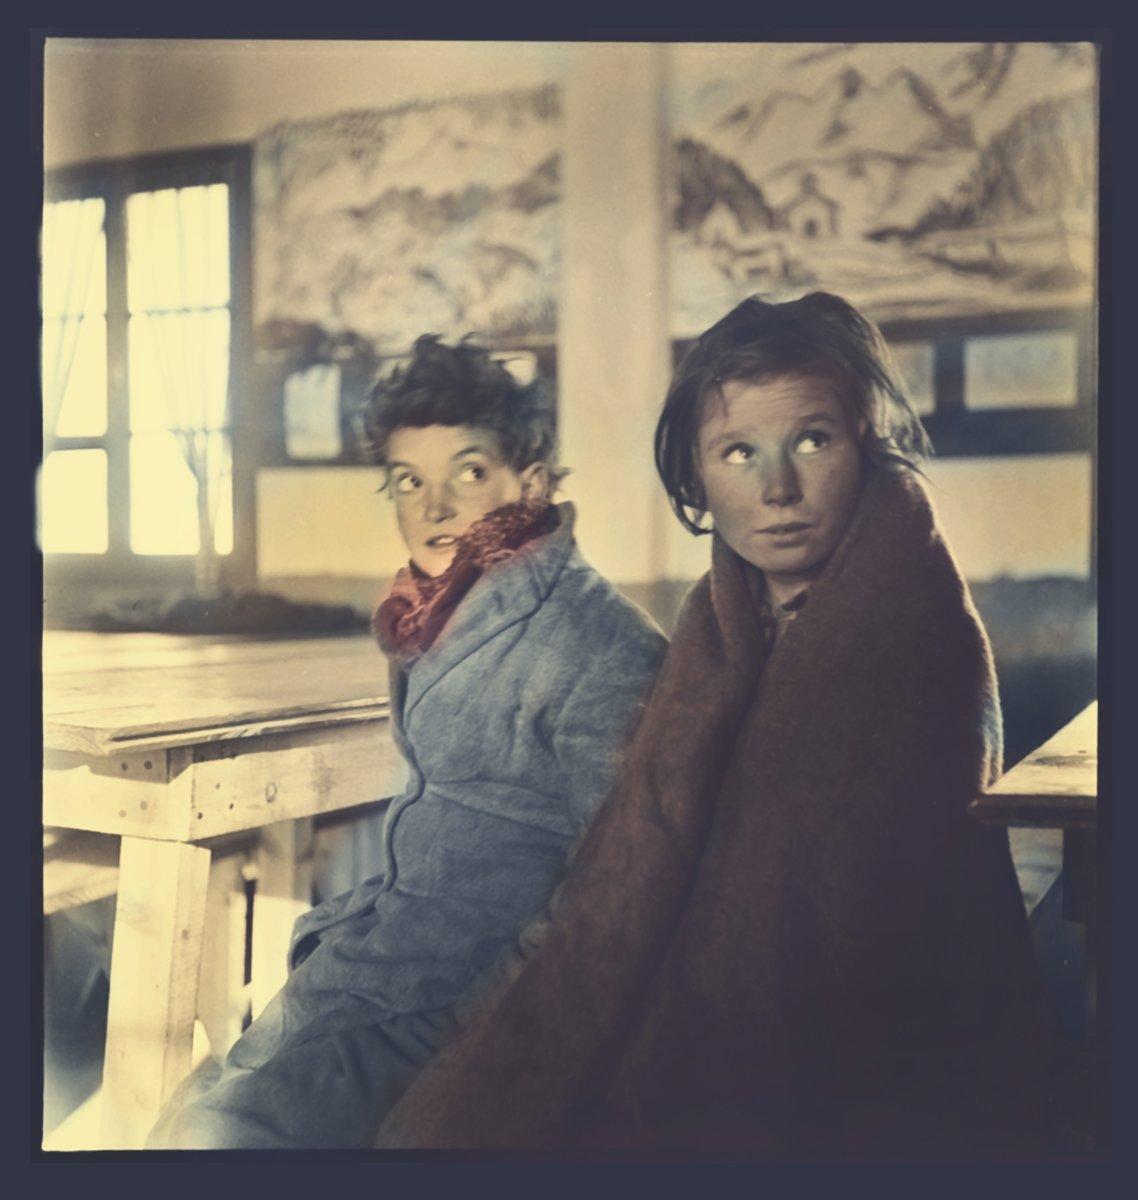 La tasa de mortalidad de los niños refugiados españoles de entre 6 meses y cuatro años es de 60%. Elisabeth y los volutarios suizos organizan sus propios barracones para dar un trato preferente a madres y niños. 1942, niños españoles en el campo de Rivesaltes. Foto Paul Senn.